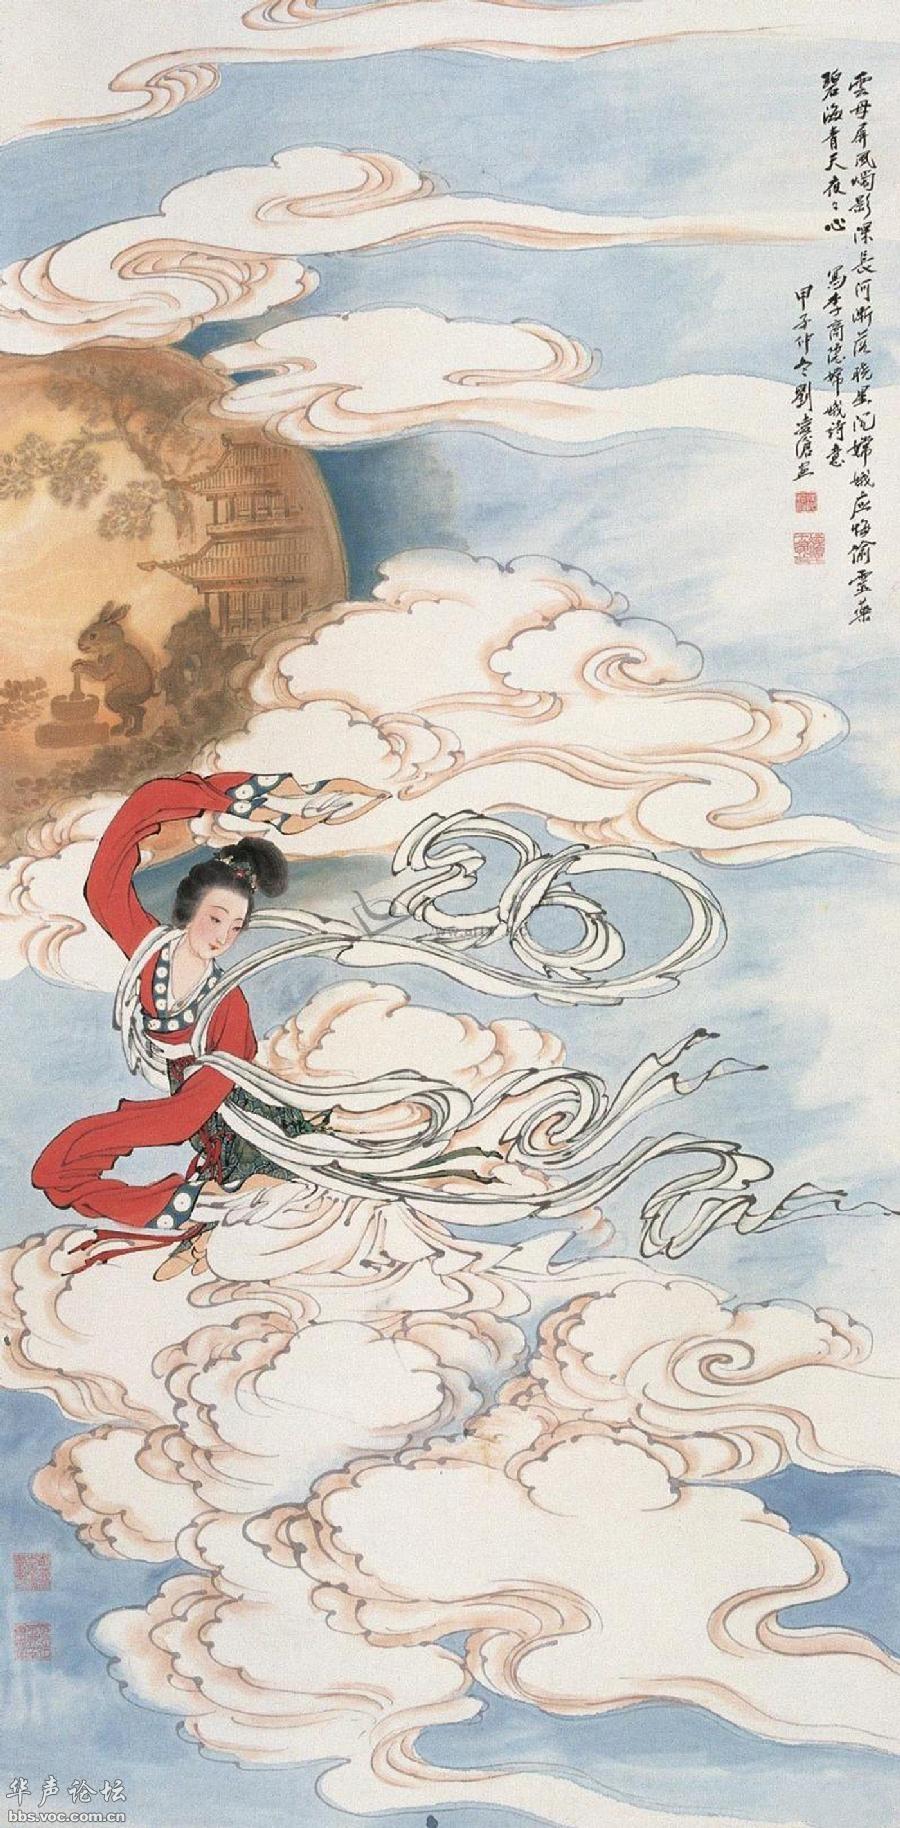 25、嫦娥奔月图 -国画大师刘凌沧作品选